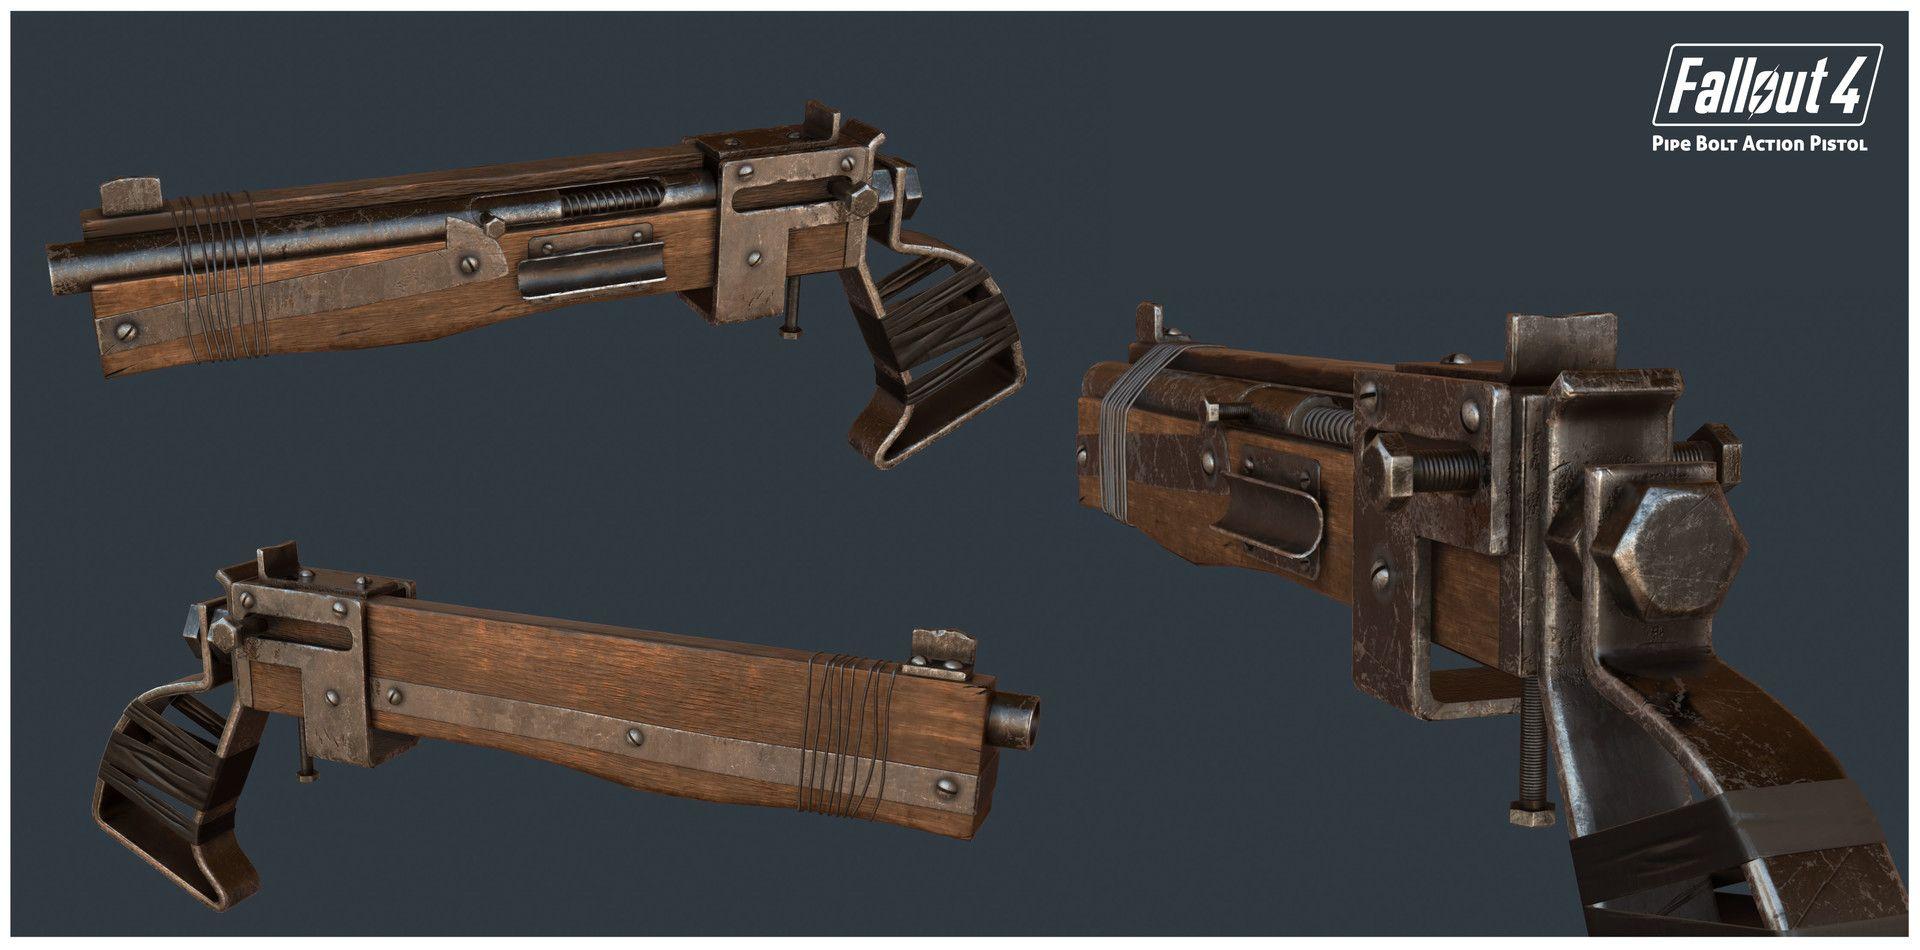 ArtStation - Pipe Bolt Action Pistol - Fallout 4, Vijay Kumar